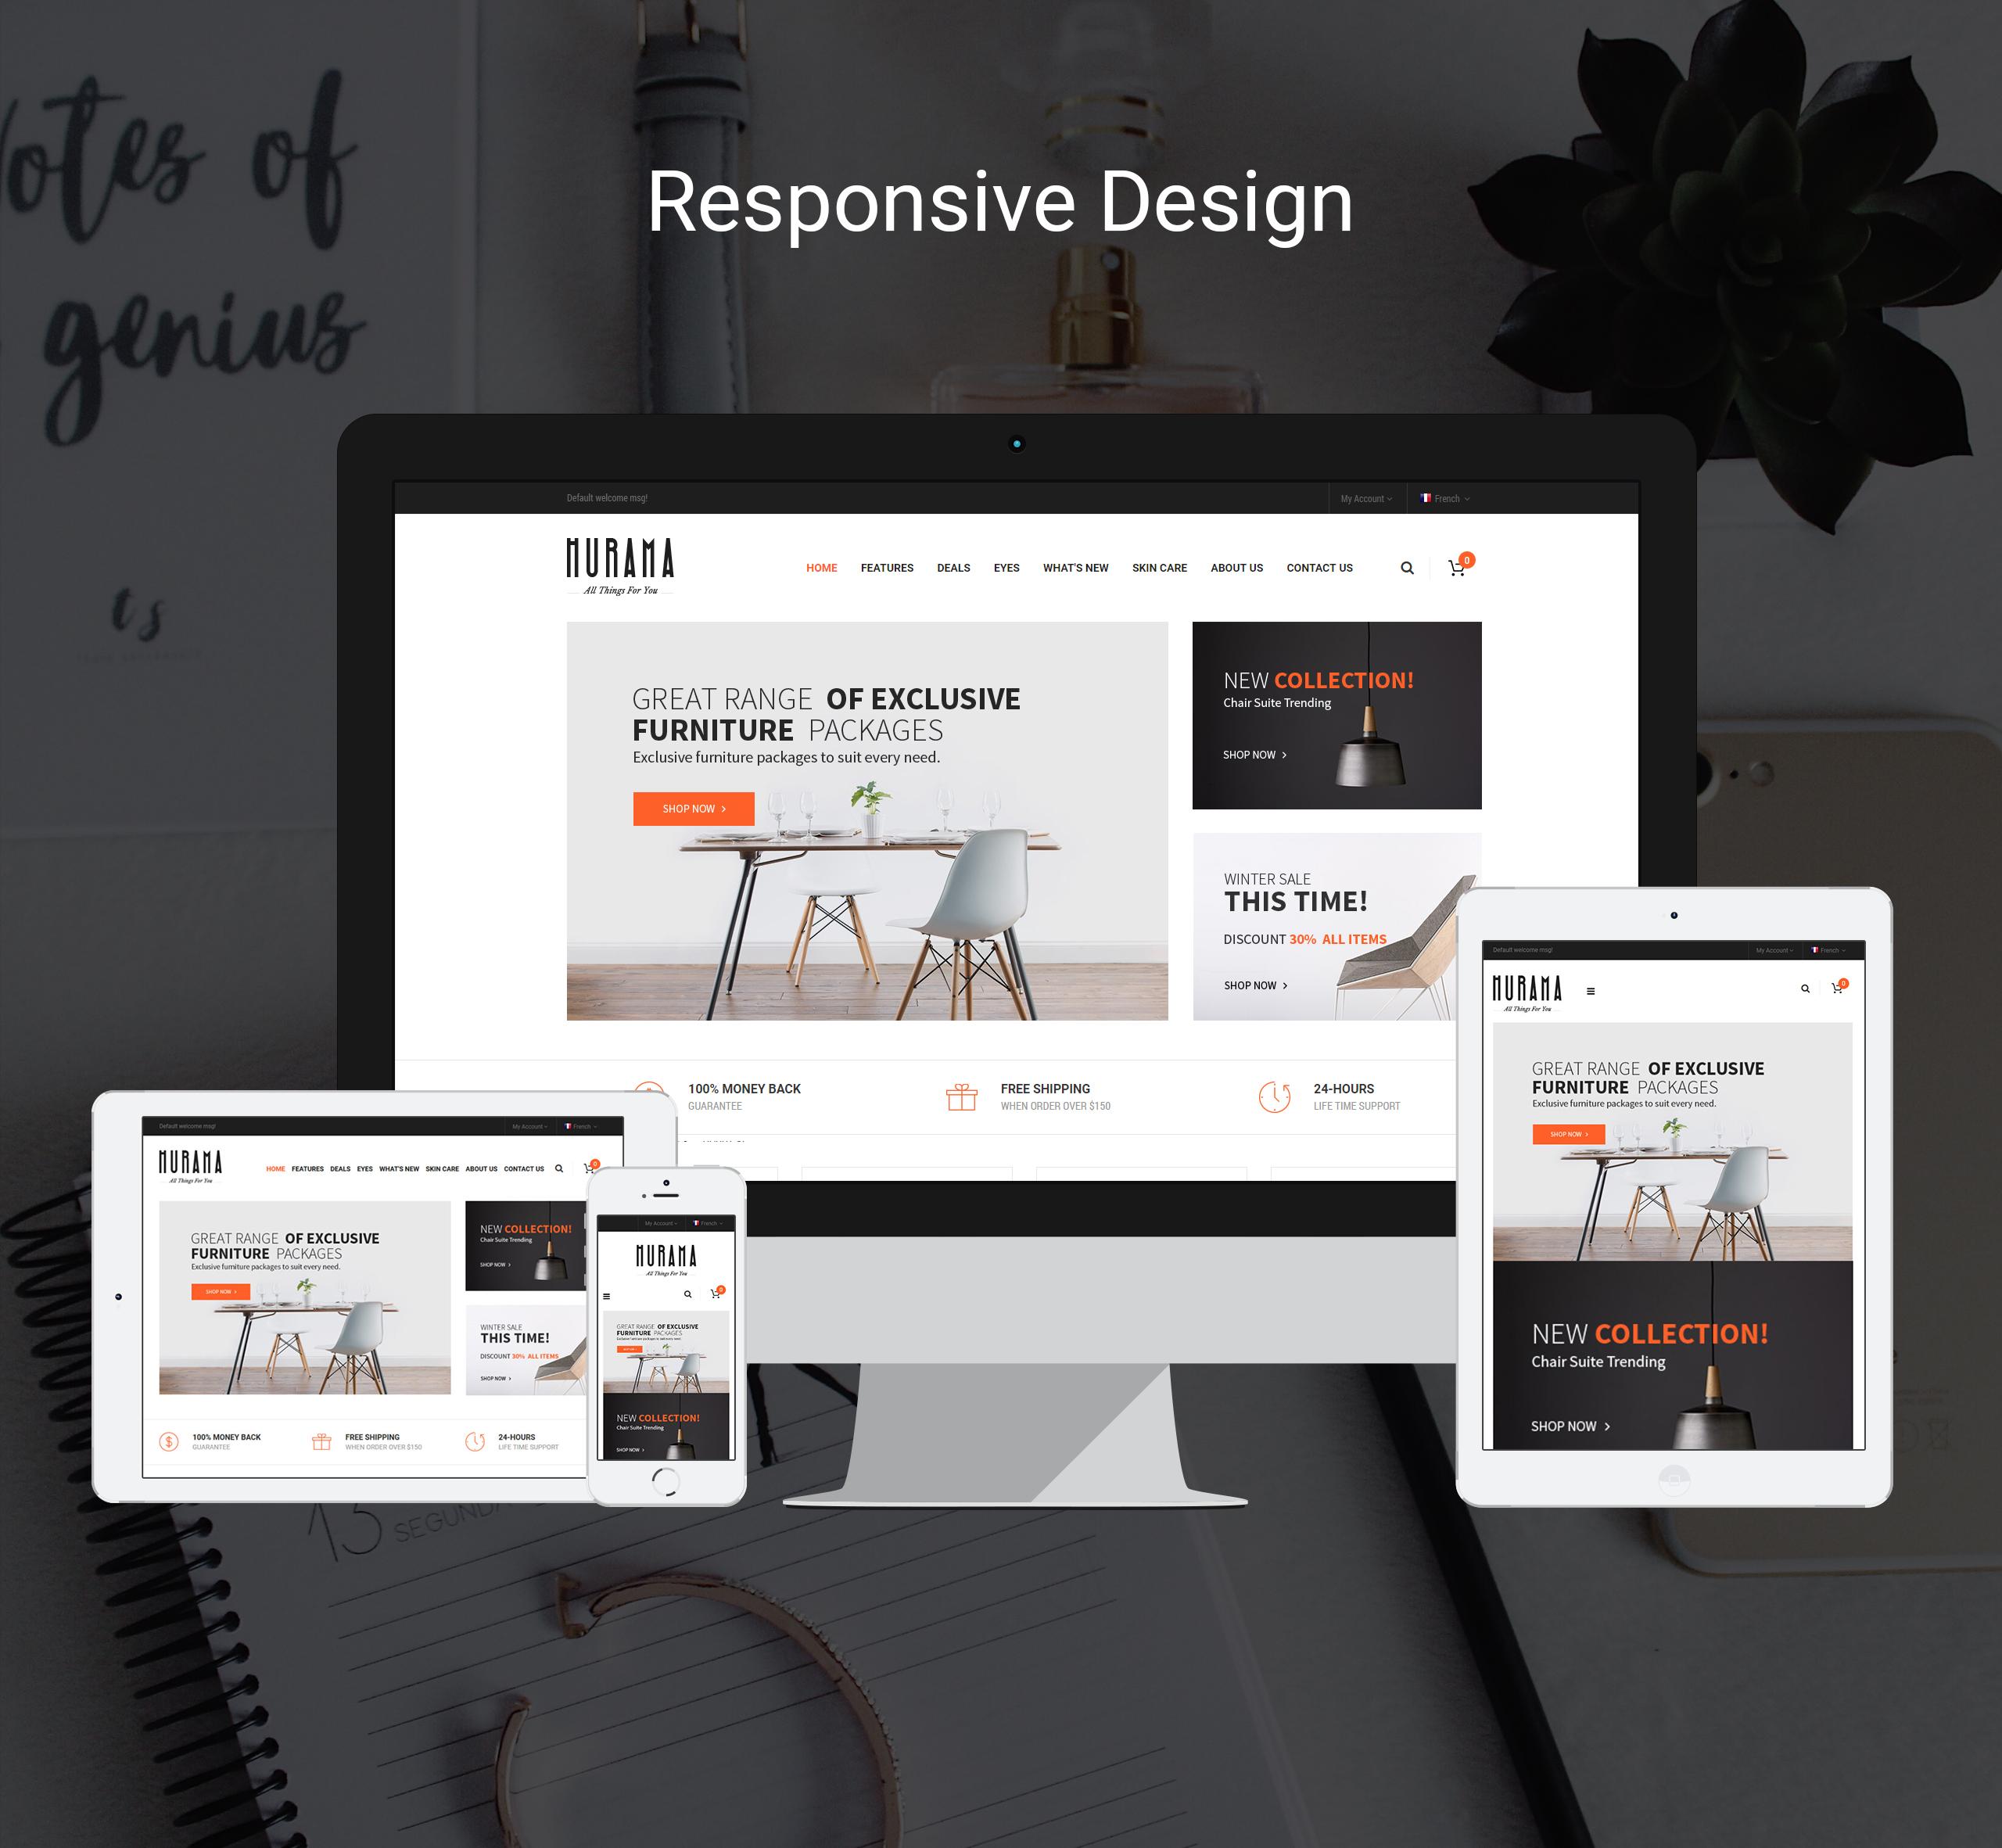 Comm.it realizza portali ed e-commerce responsive